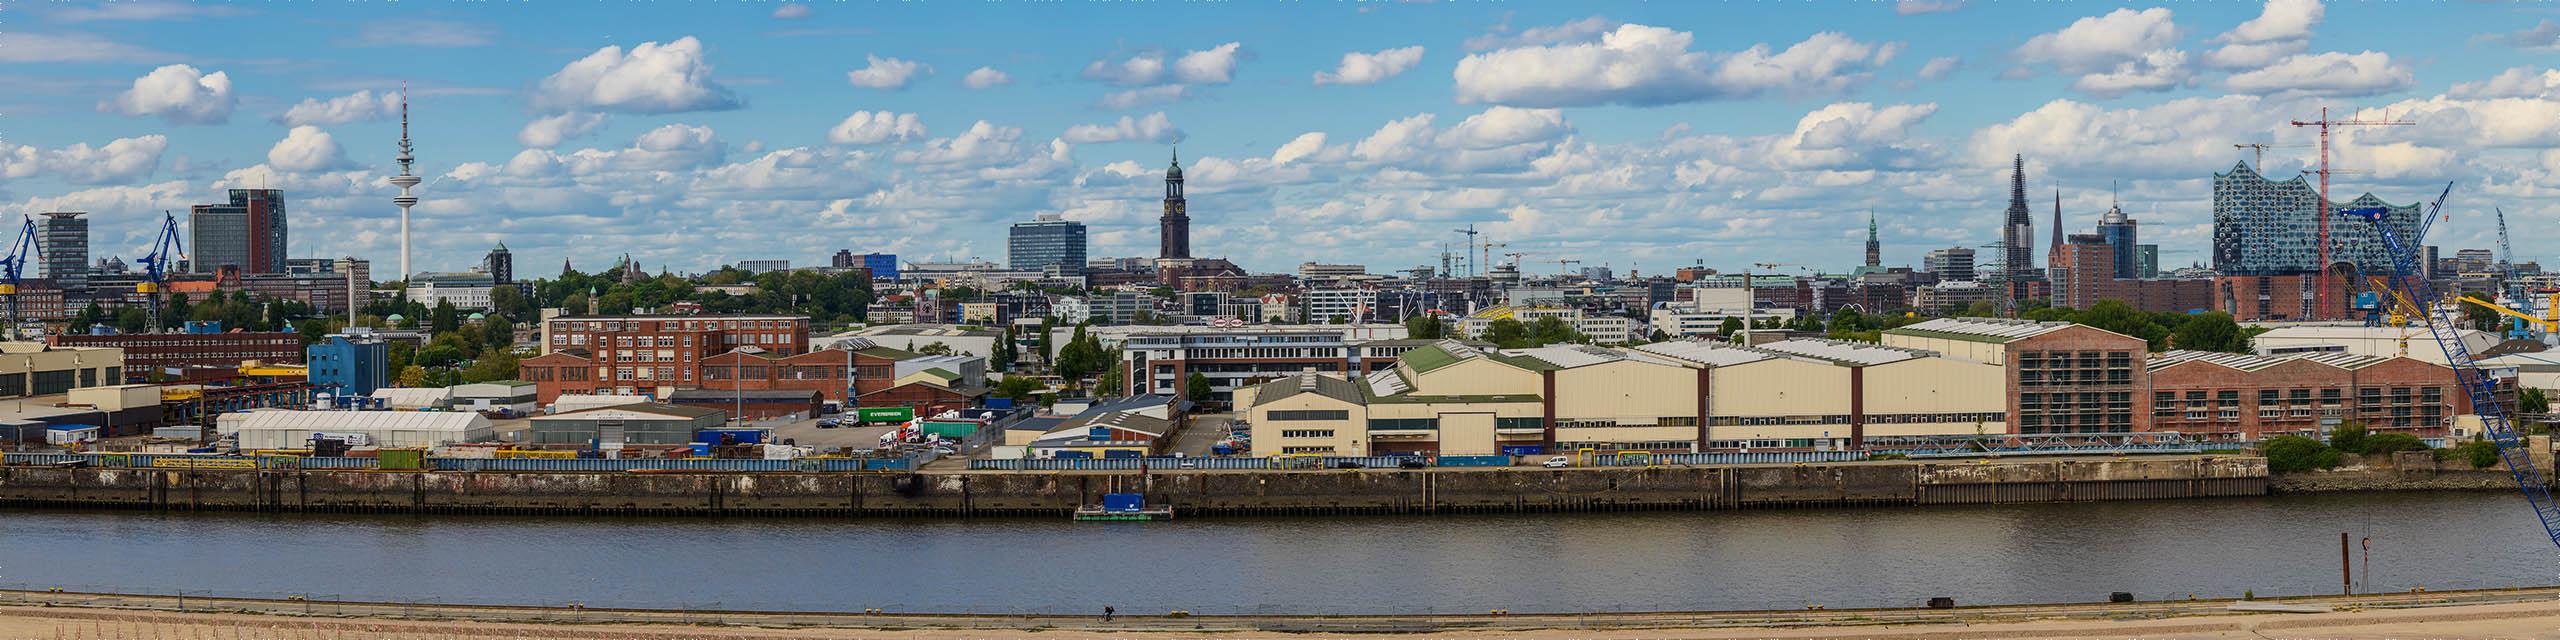 Skyline-Panorama von Hamburg, aufgenommen vom Steinwerder Hafen